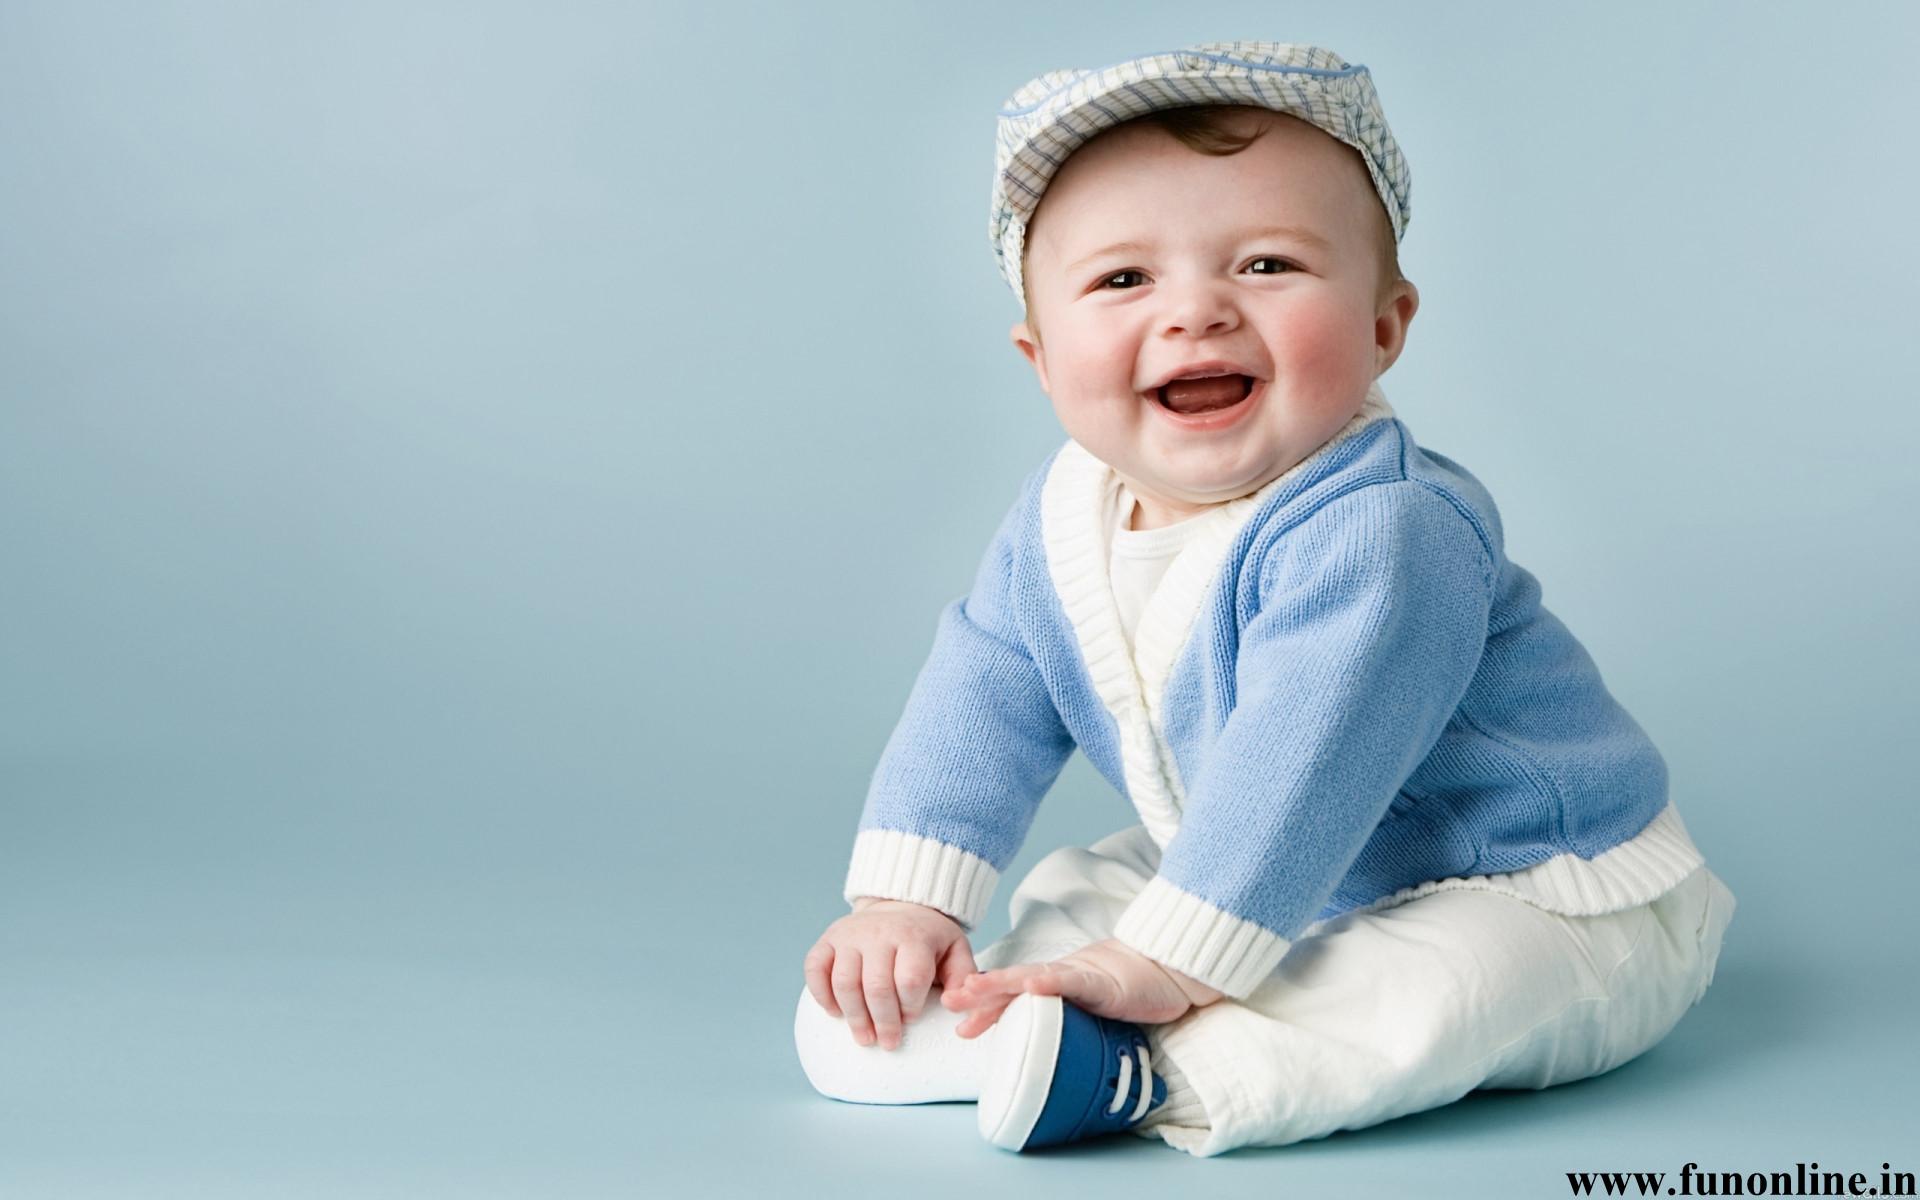 Sweet Boy Cute Baby - HD Wallpaper